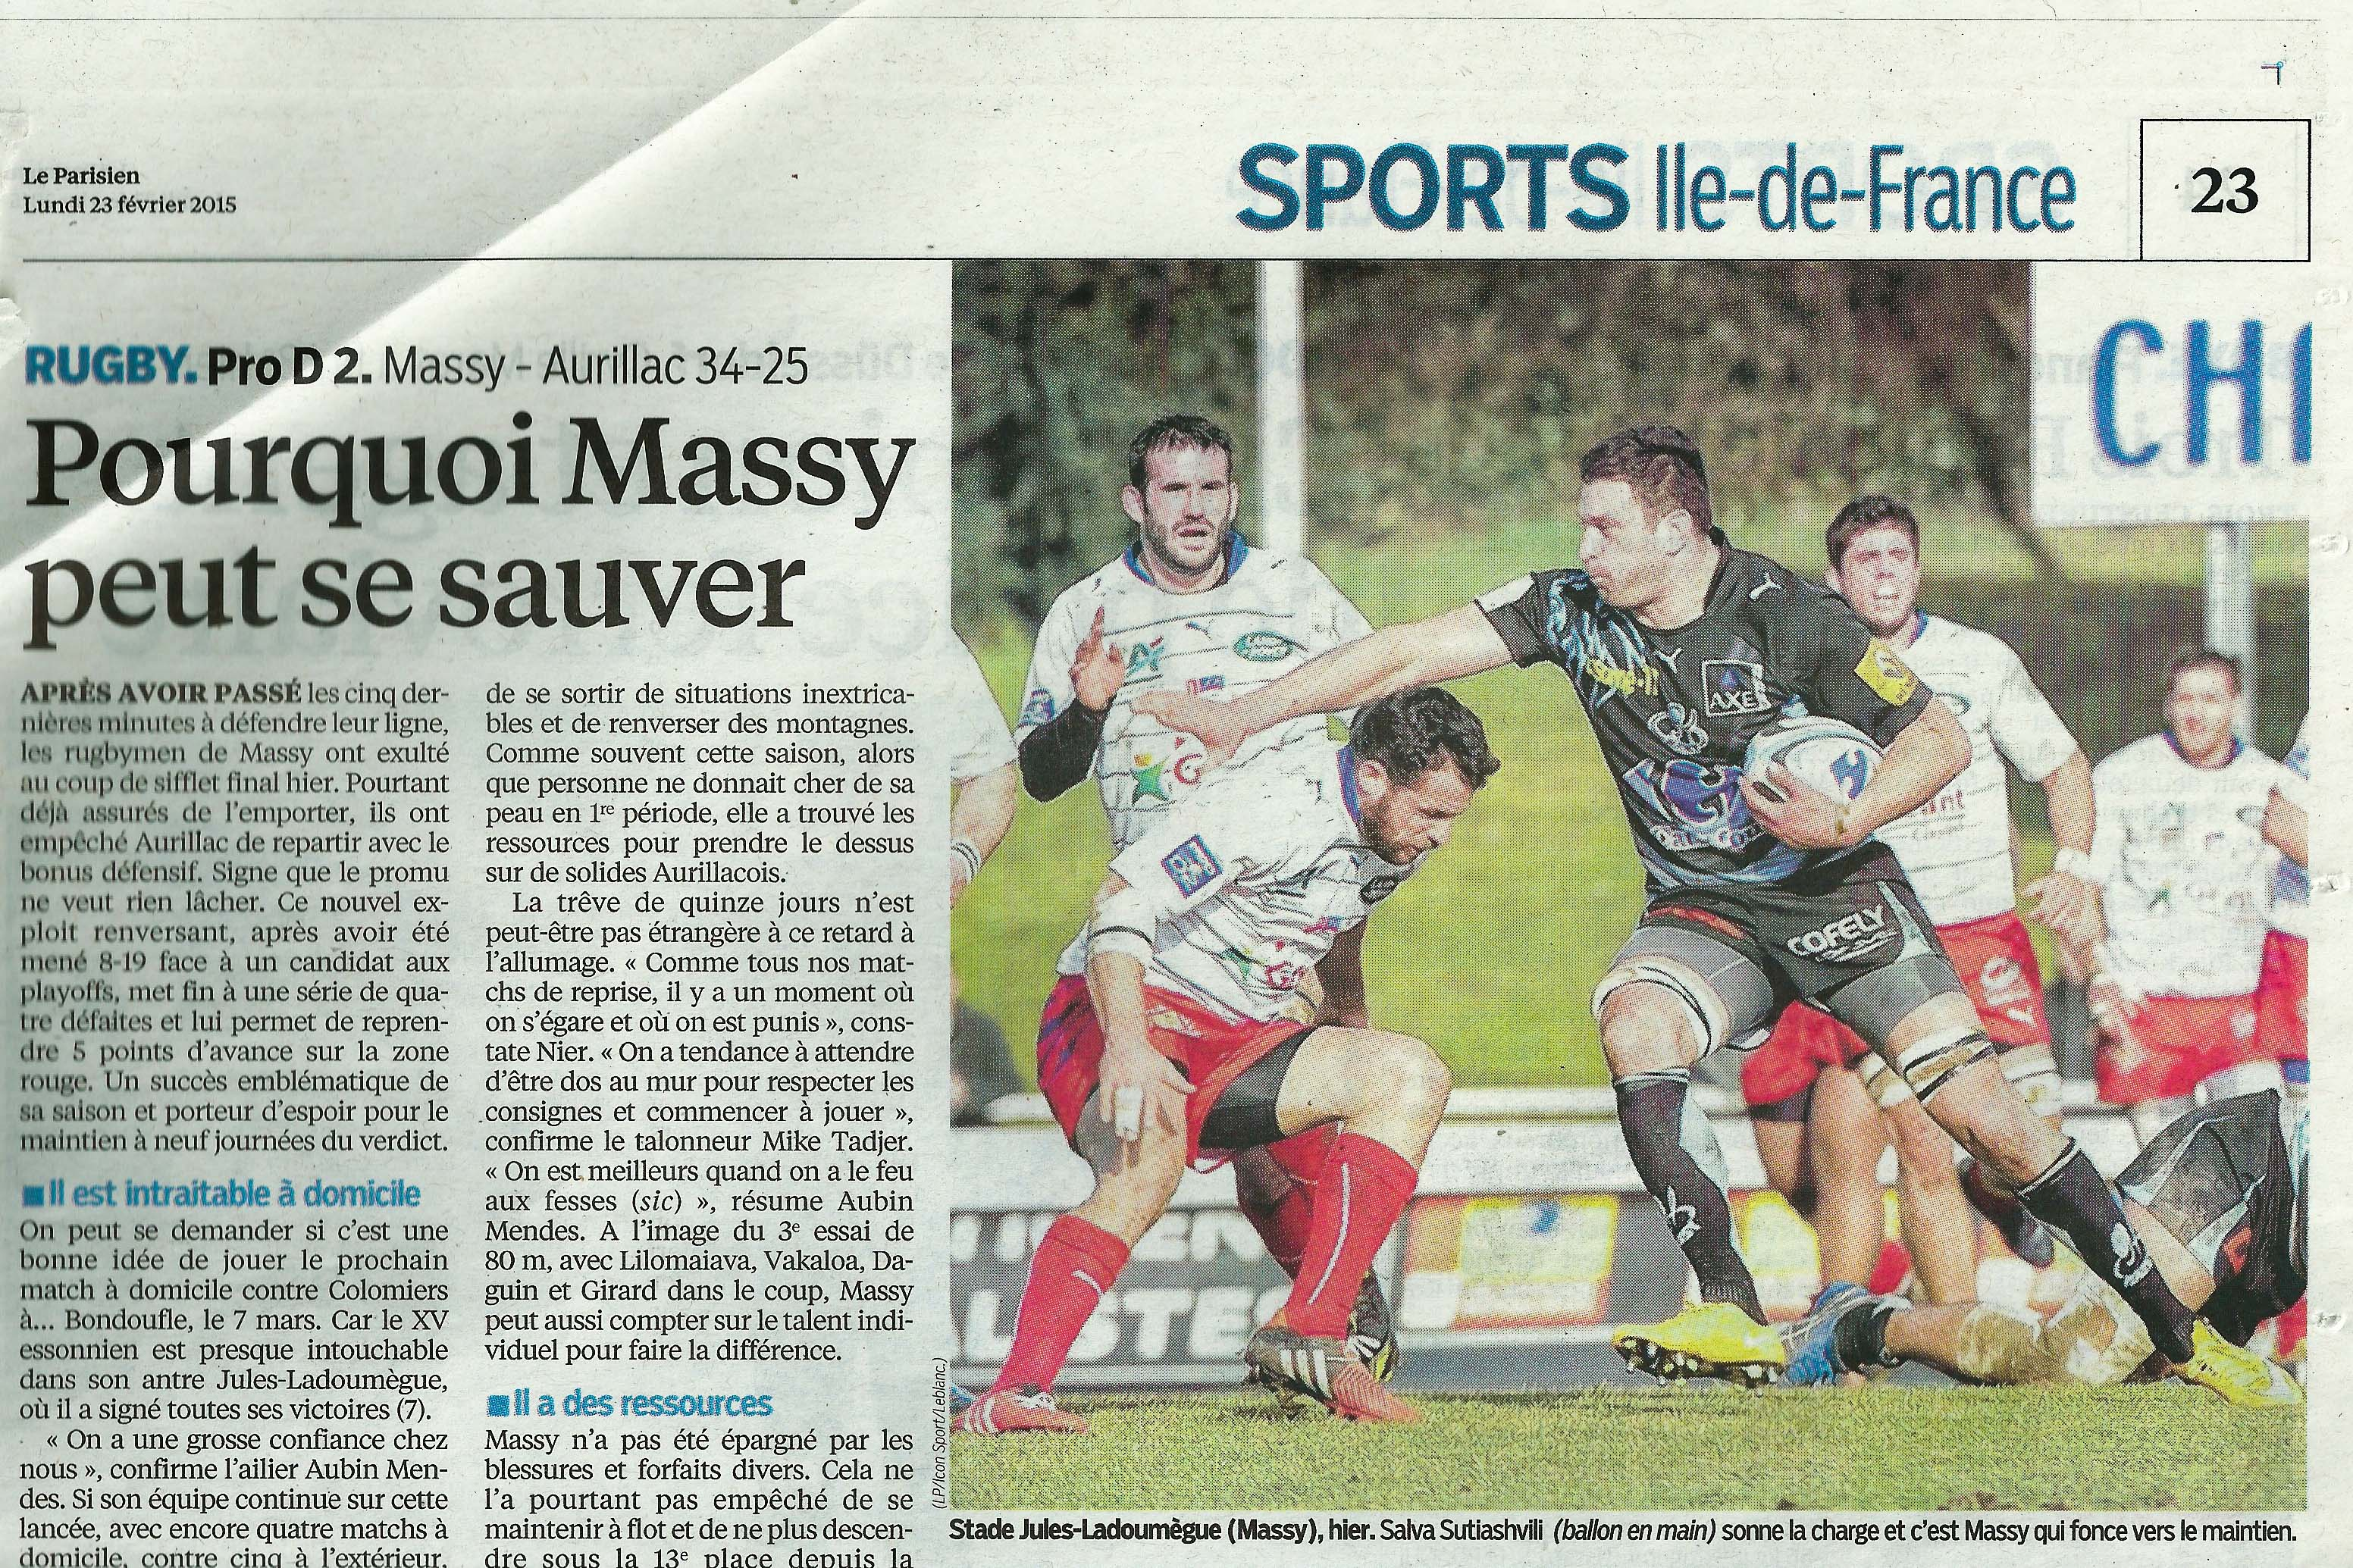 Match de Rugby, Le Parisien